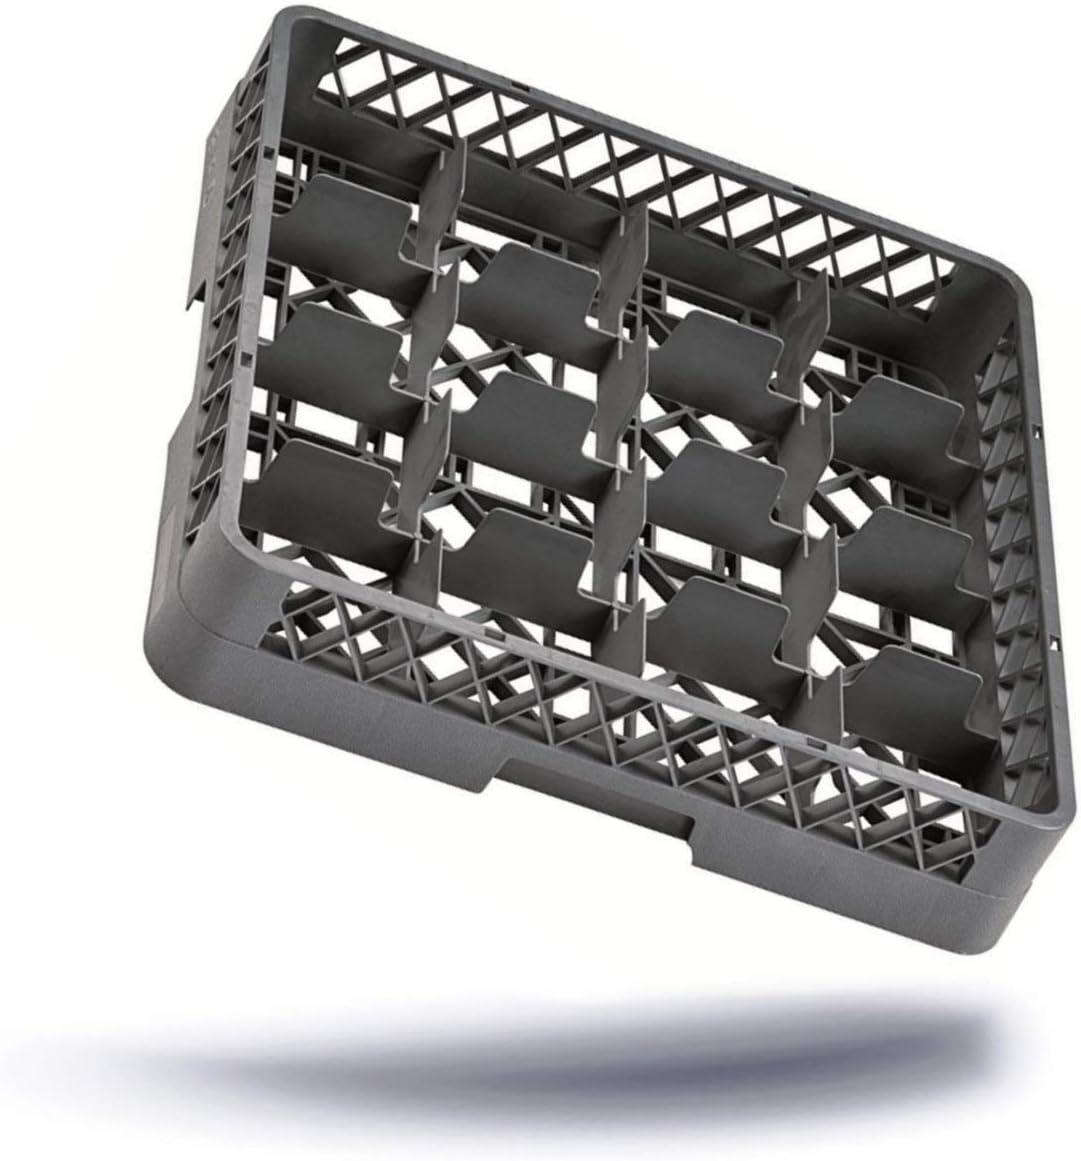 Escurridor de platos con cesta de 16 compartimentos para vasos & brocche se puede lavar en lavavajillas de canasta de Universal de polipropileno 500 x 100 mm colour azul y gris